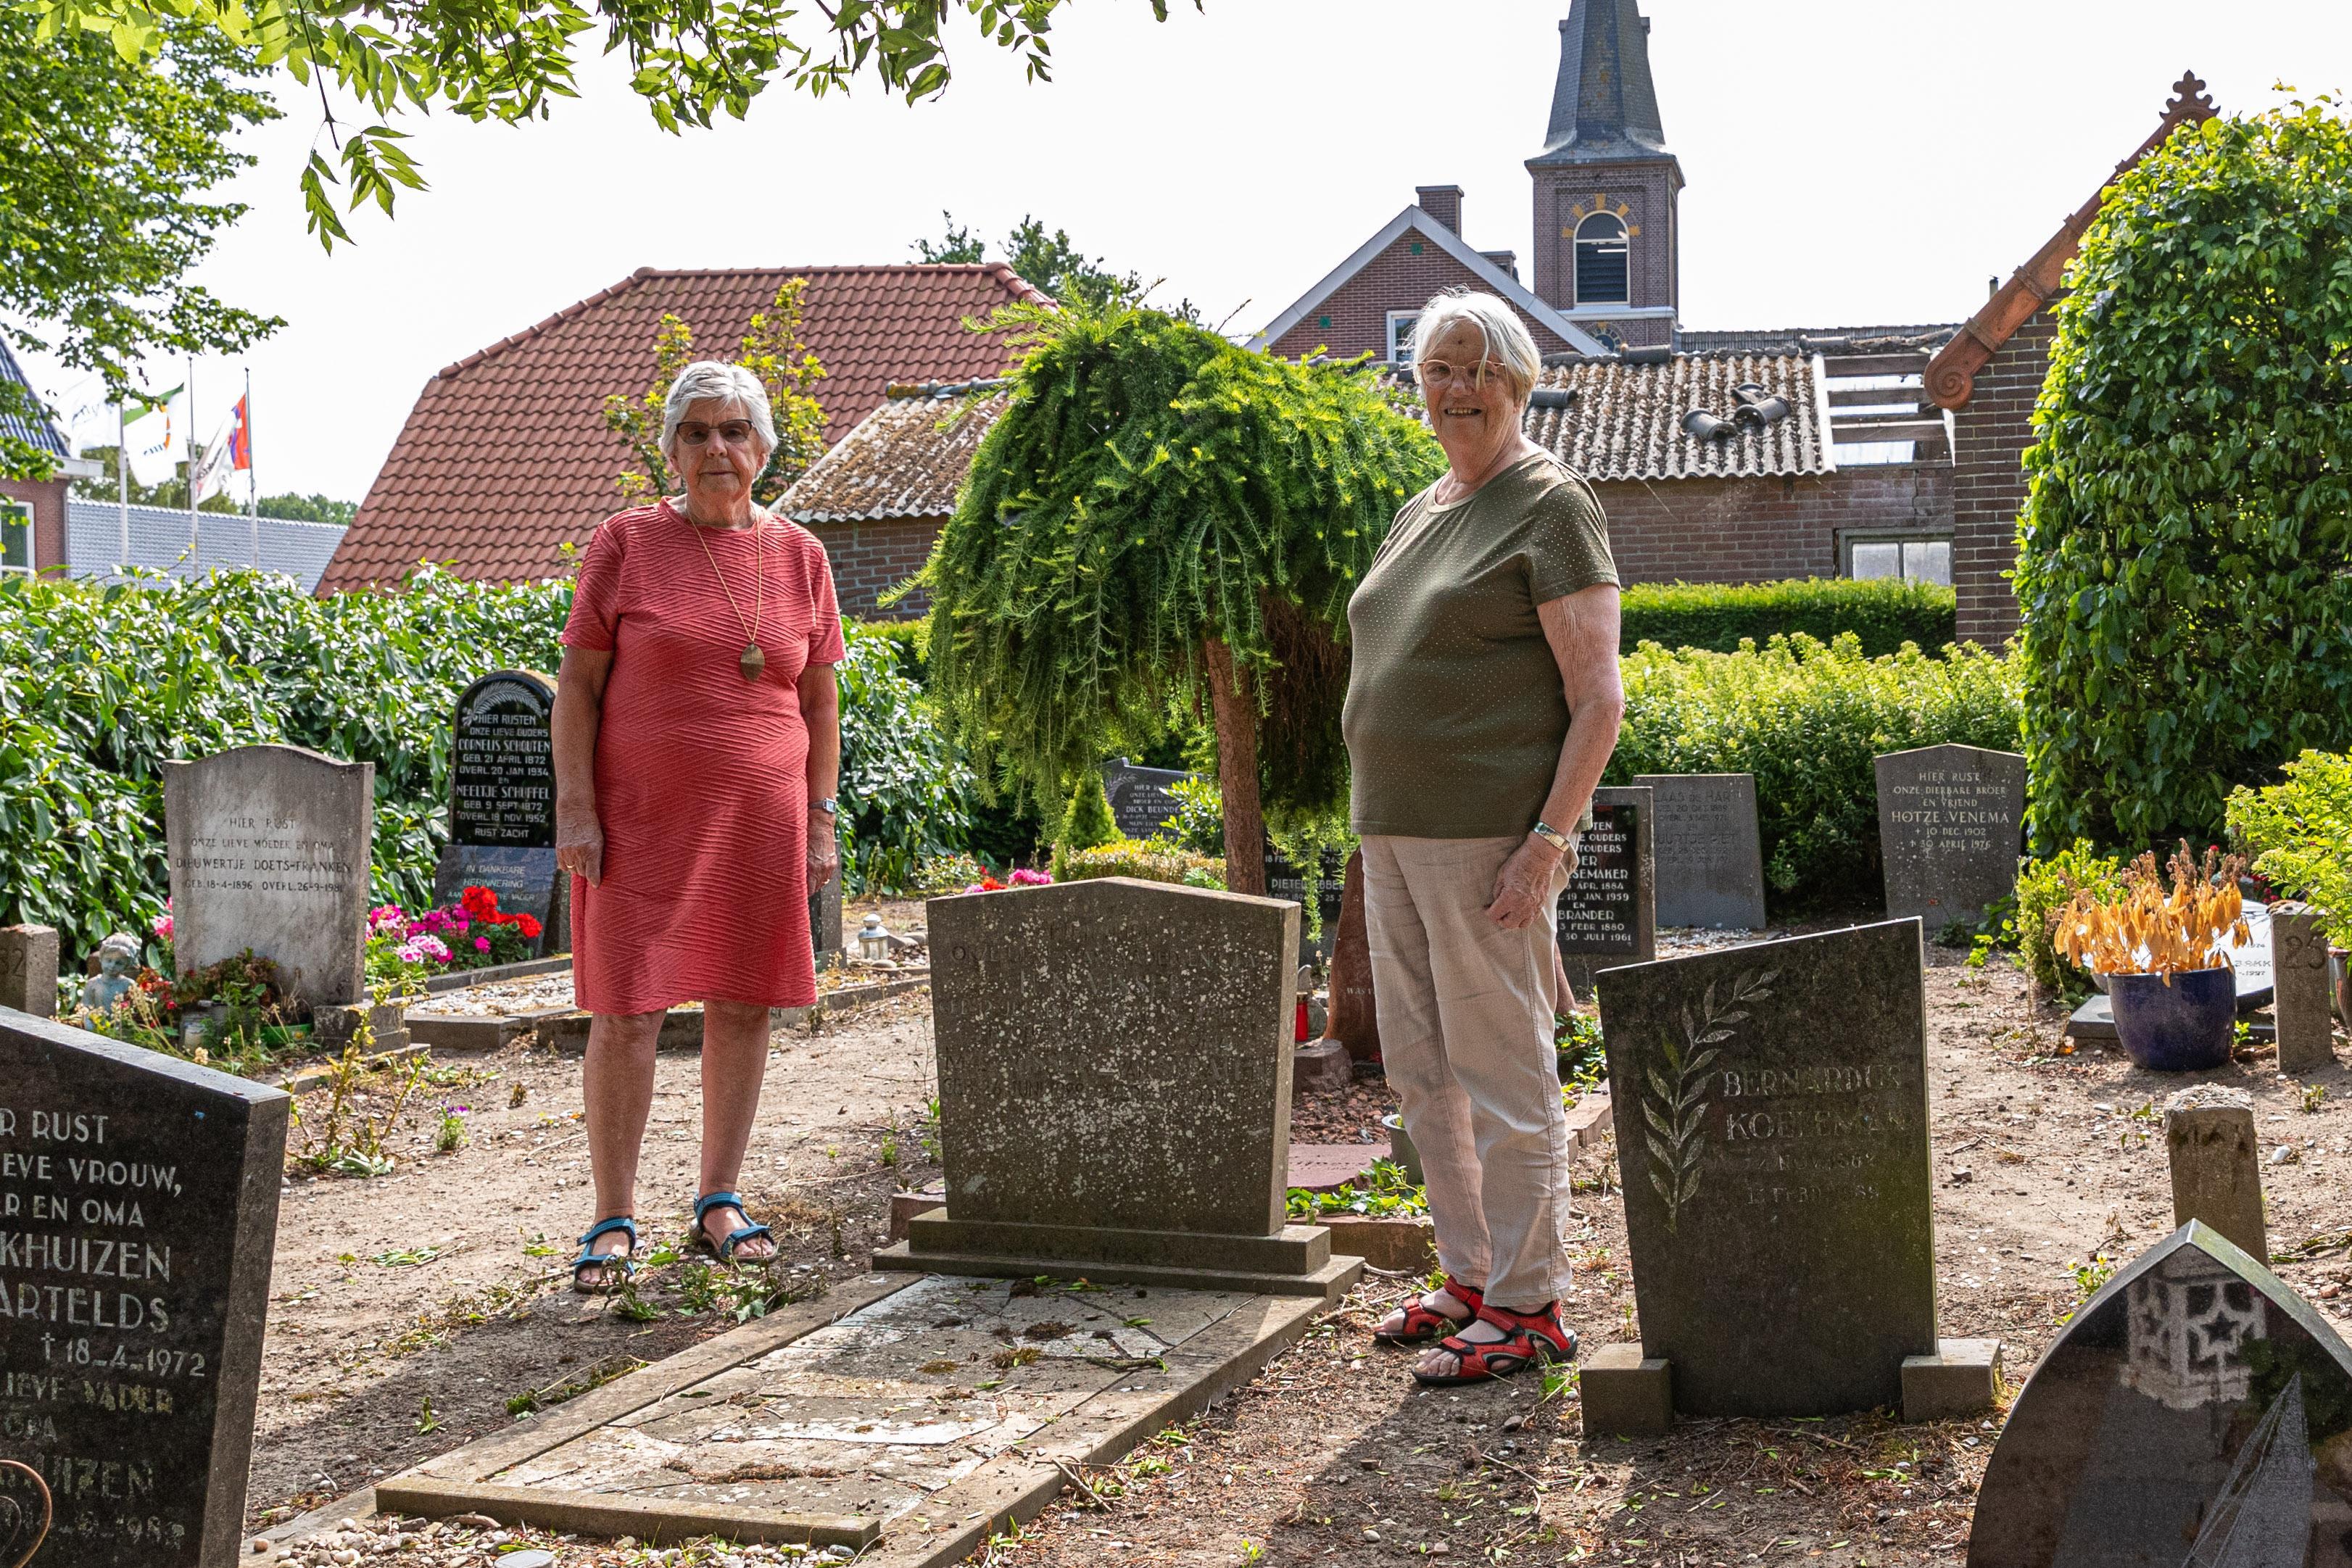 Scharwouders nemen kerkhof over uit angst dat begraafplaats anders wordt opgeheven